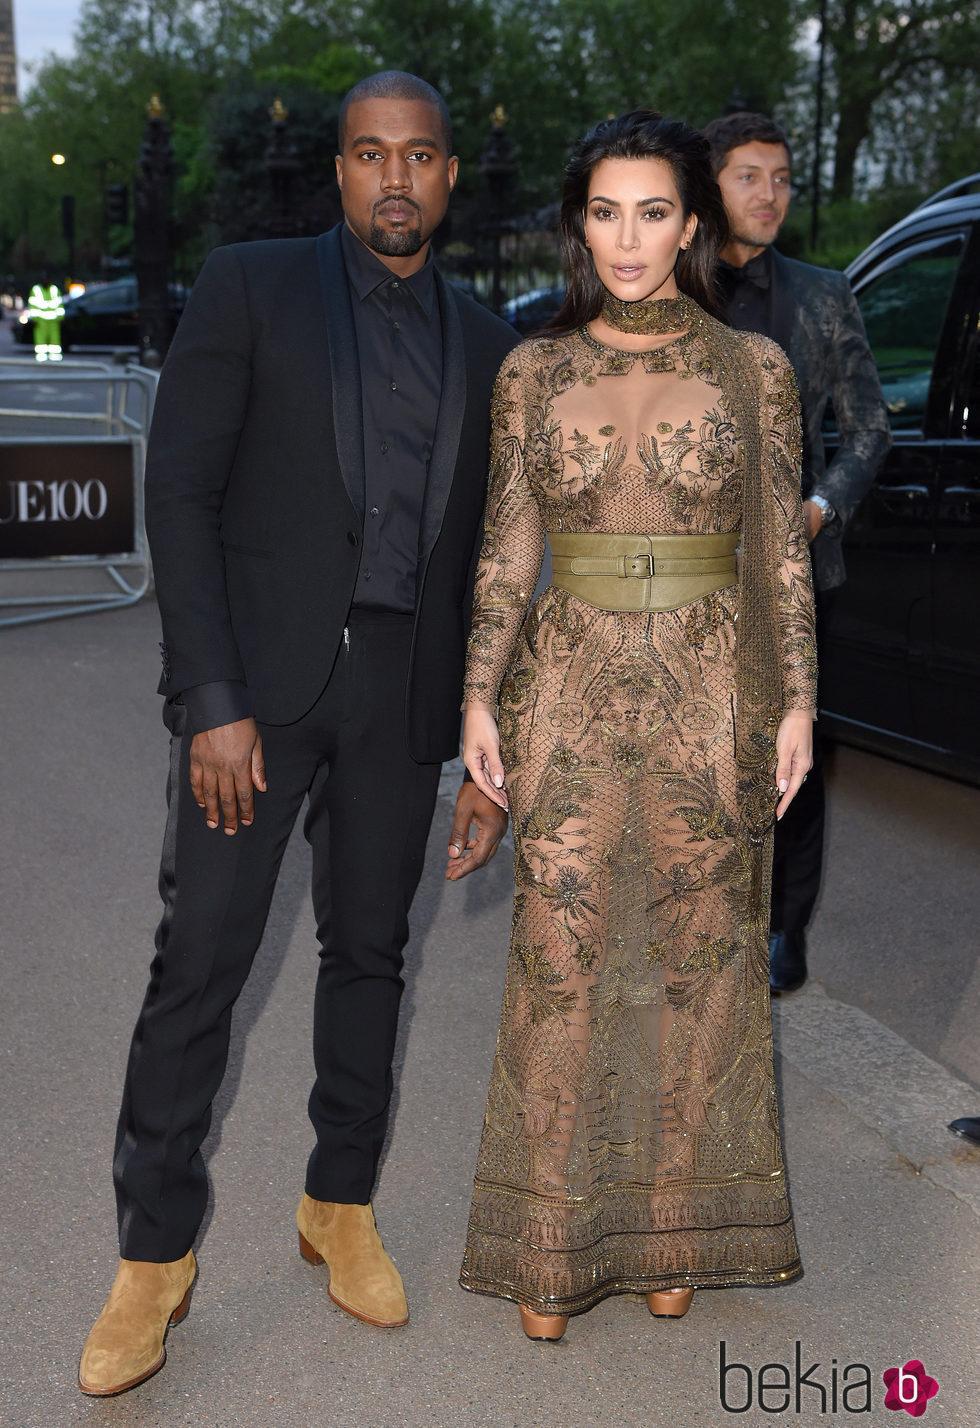 Kim Kardashian y Kanye West en la fiesta del 100 aniversario de Vogue en Londres